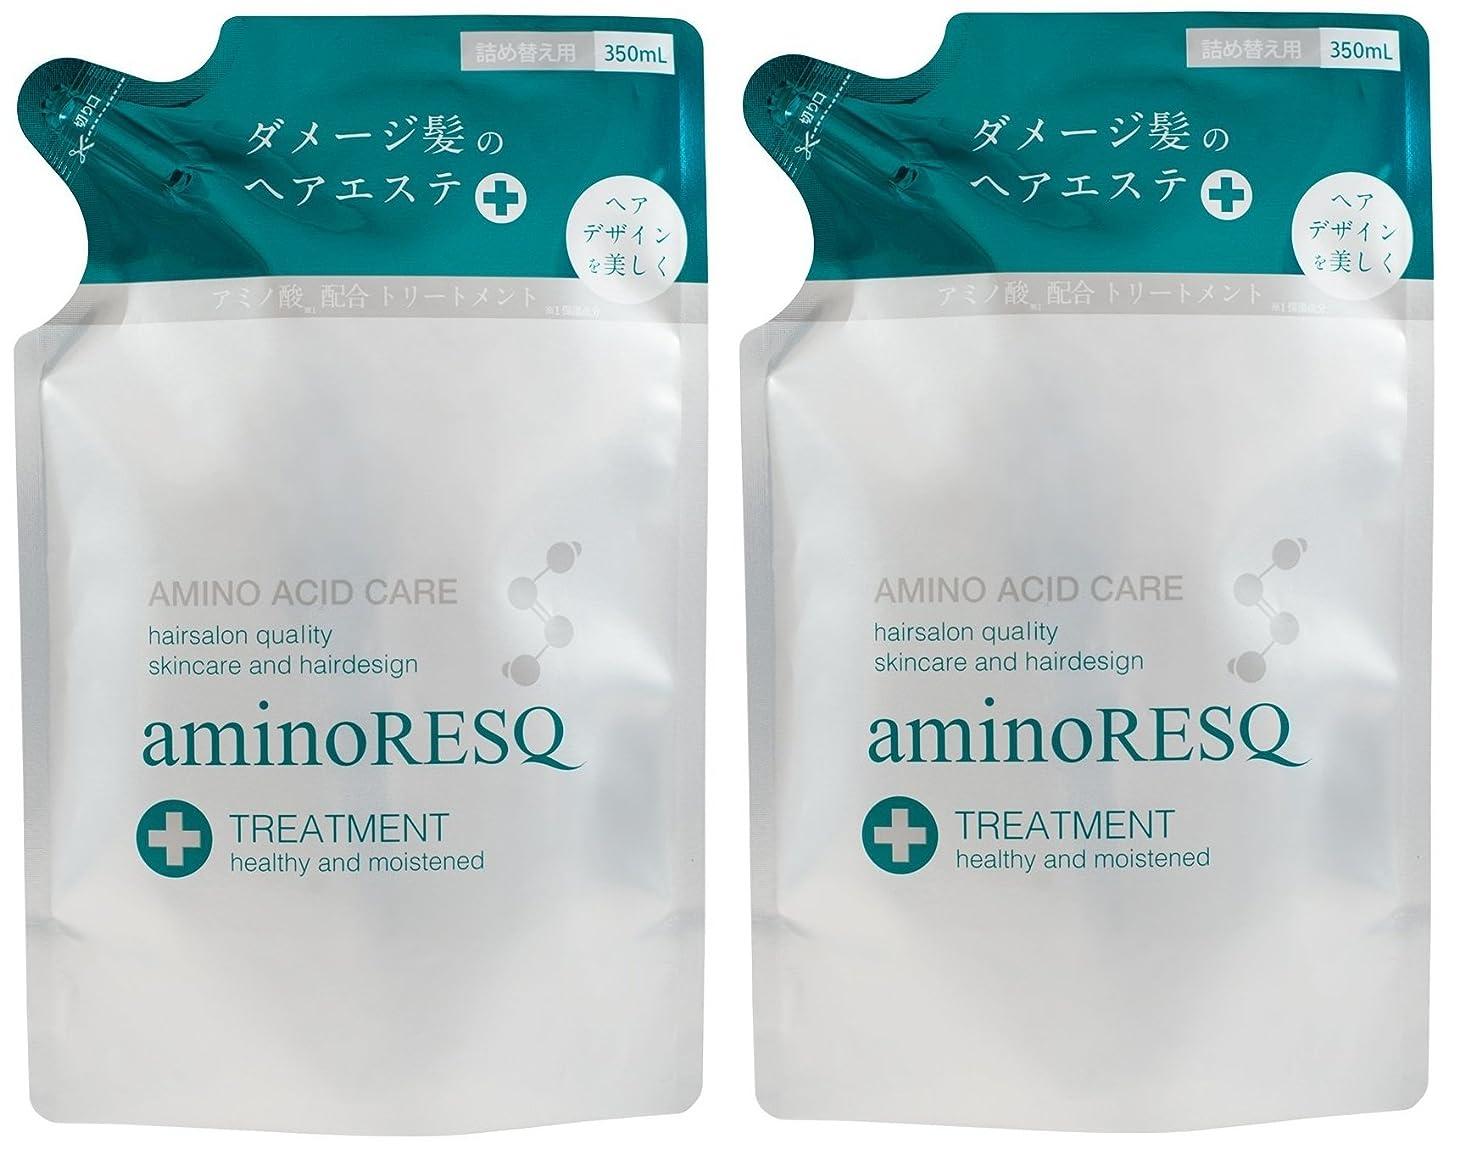 不要たまにどちらも【2個セット】aminoRESQ アミノレスキュー トリートメント詰替